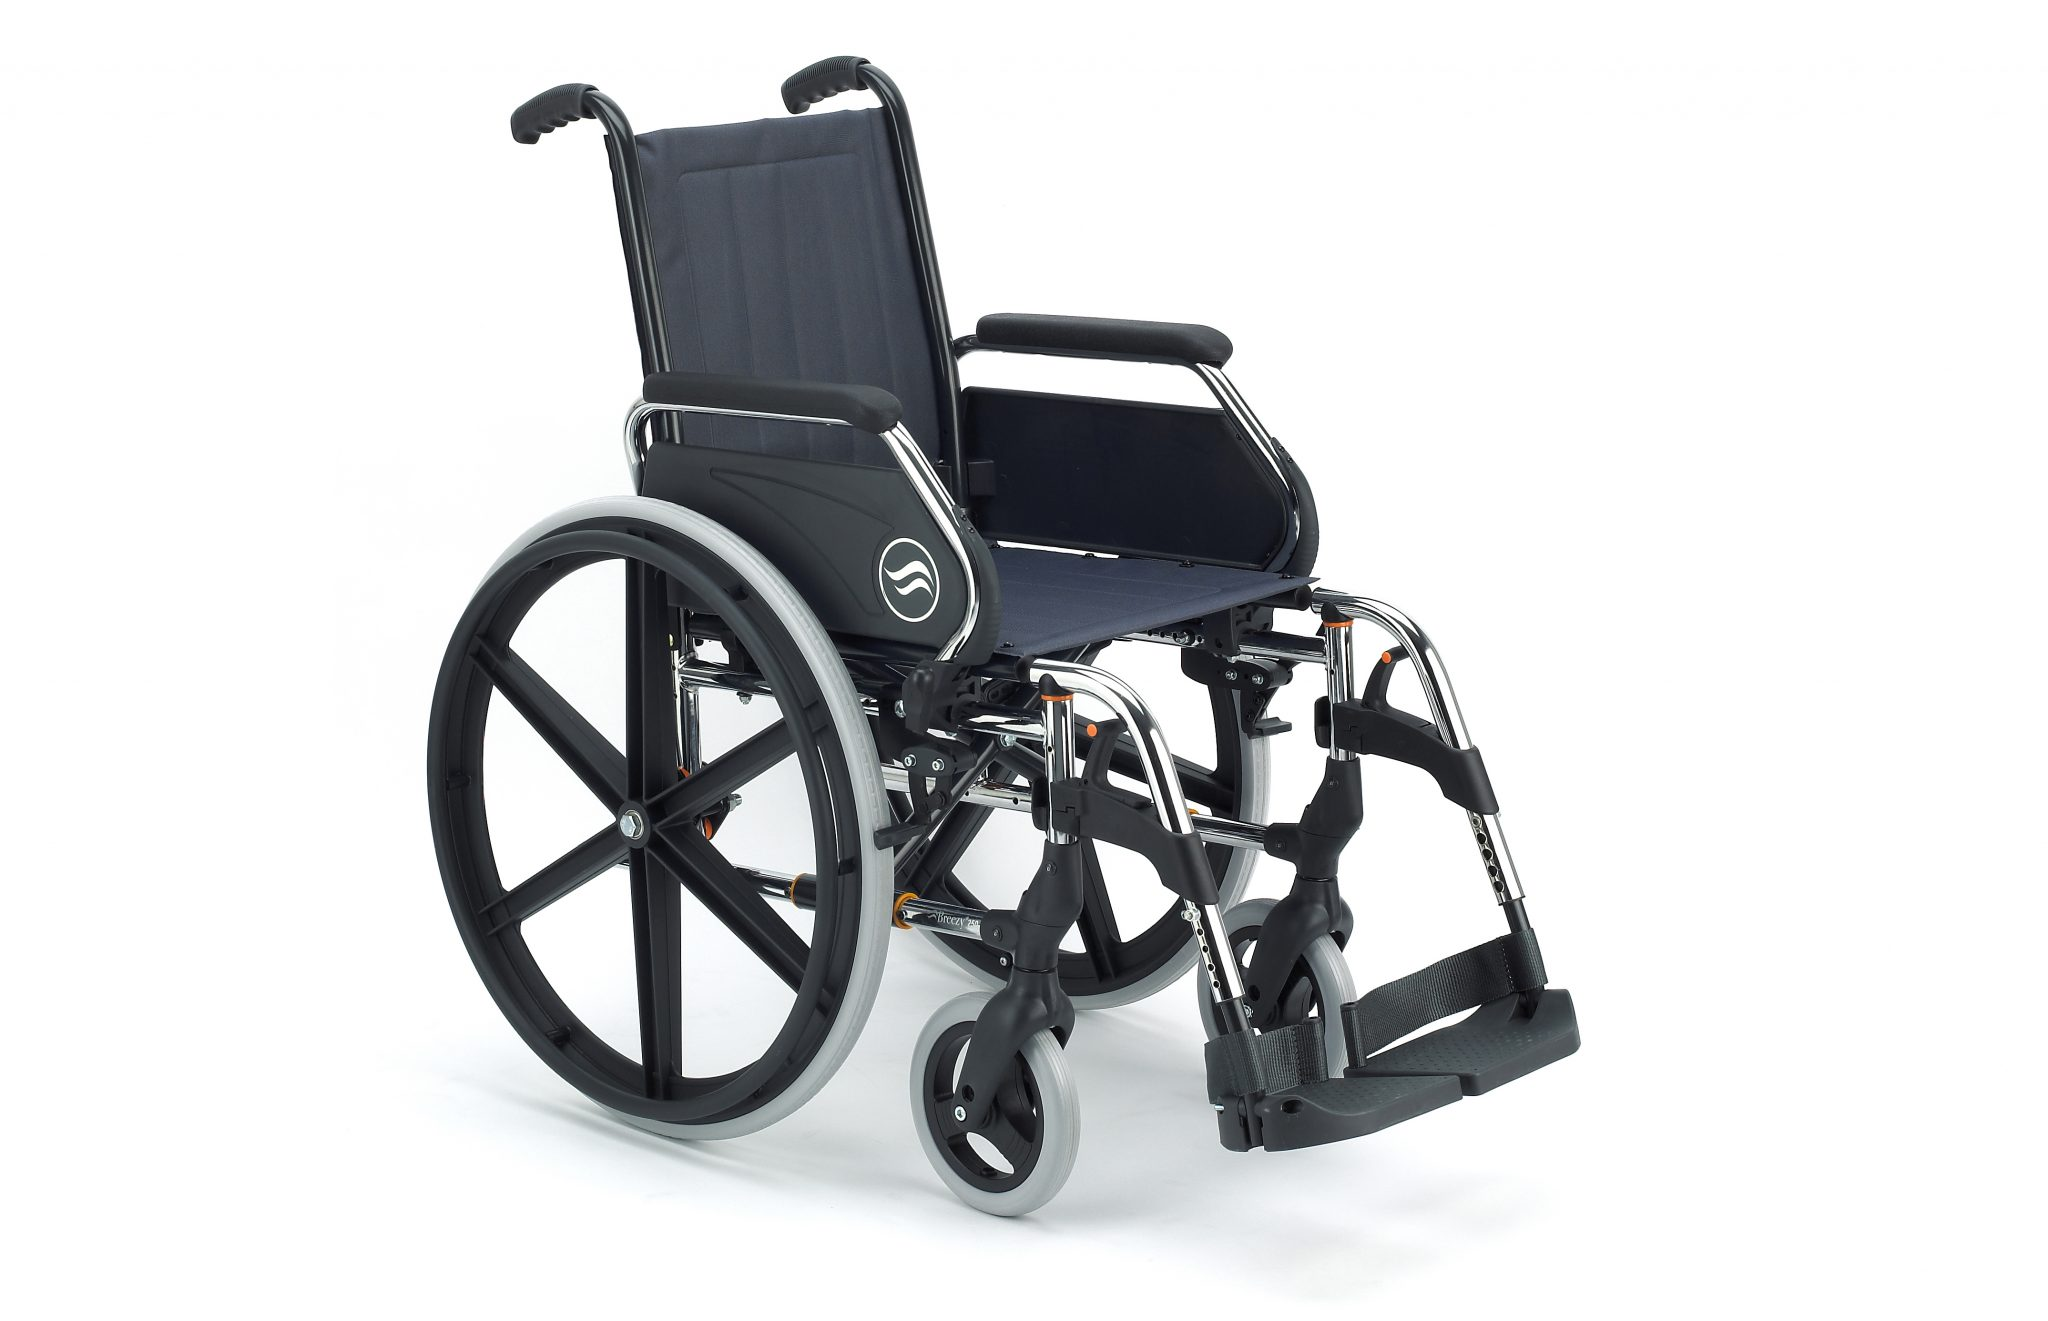 Cadeira de rodas manual, preta com estrutura prateada e jantes pretas, vista de perfil